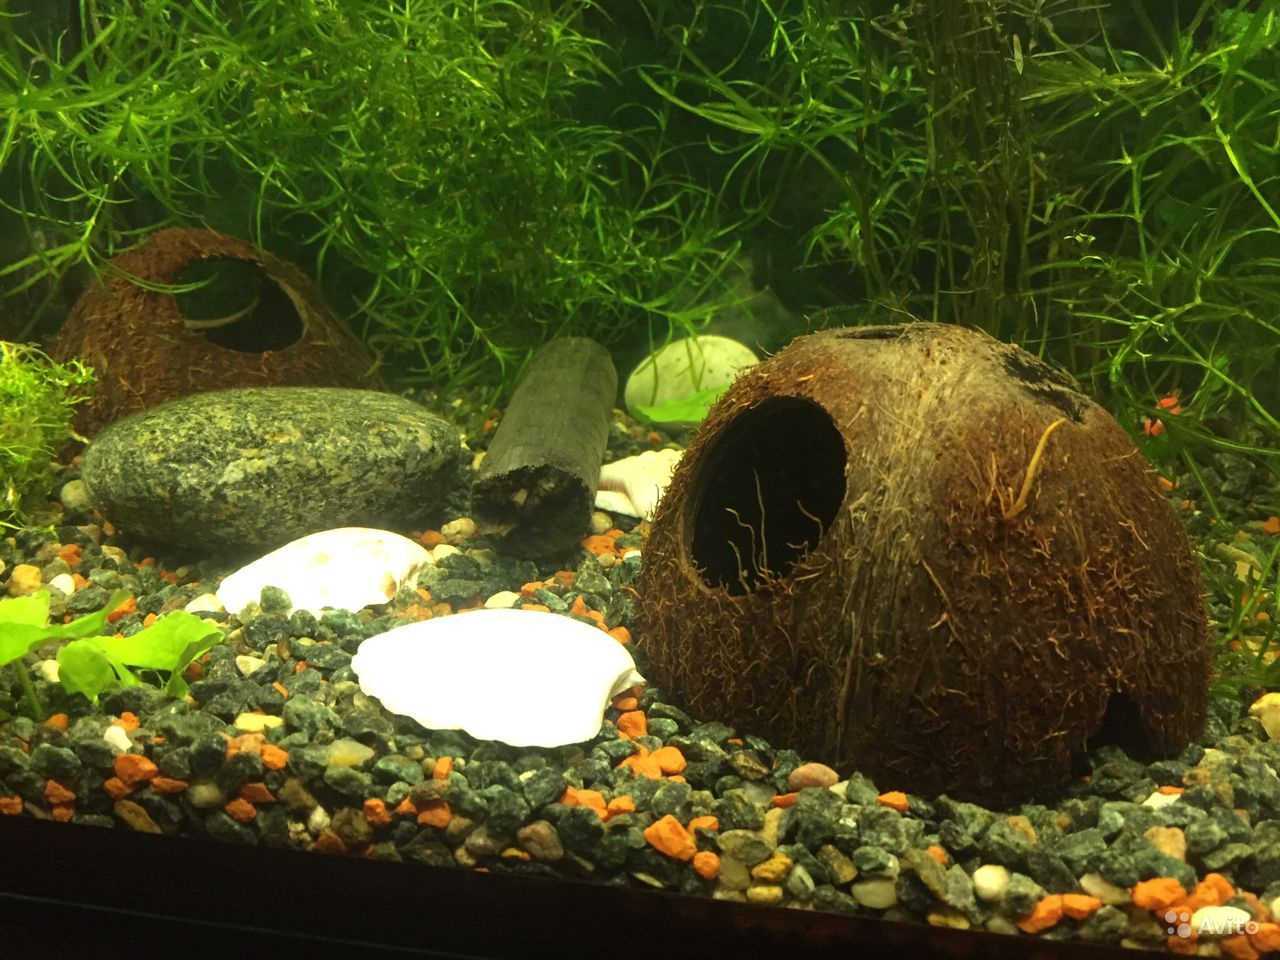 Декорации для аквариума купить на Зозу.ру - фотография № 1